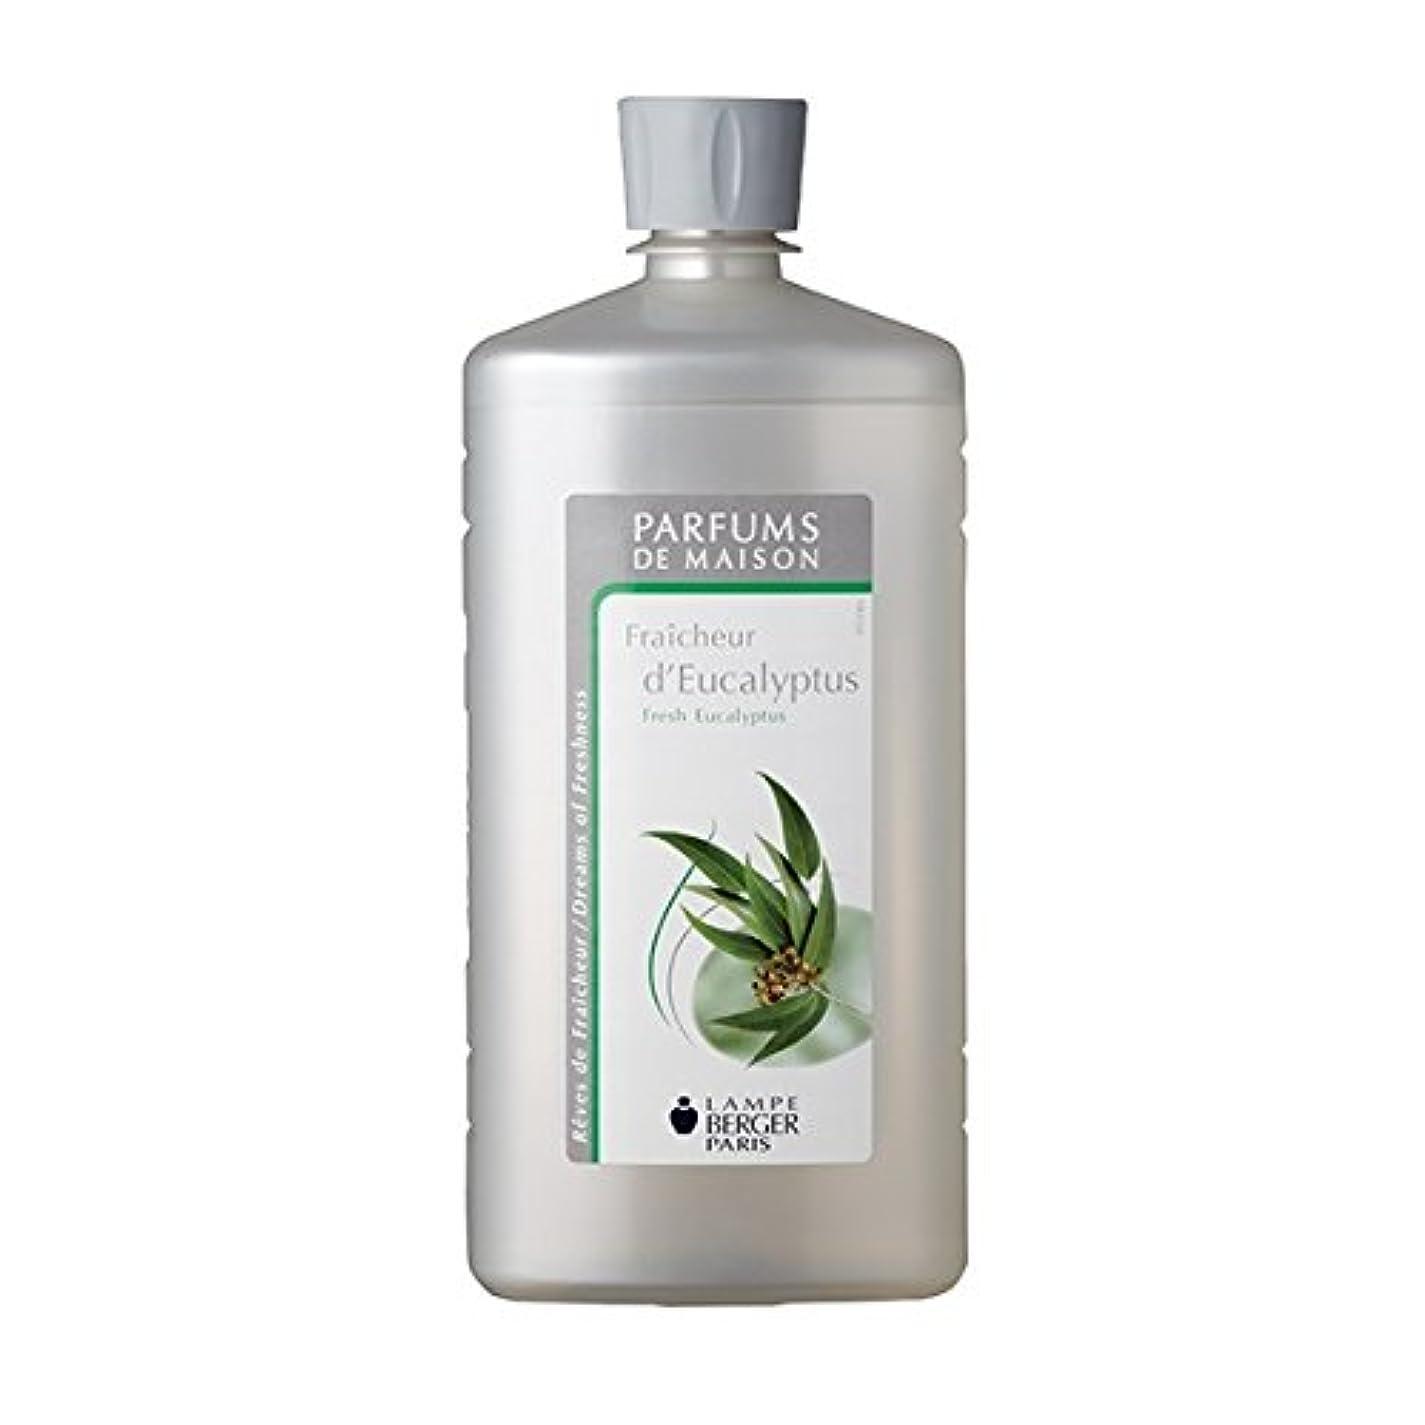 魅惑的なクック爆風ランプベルジェオイル(ユーカリ)Fraîcheur d'Eucalyptus Fresh Eucalyptus